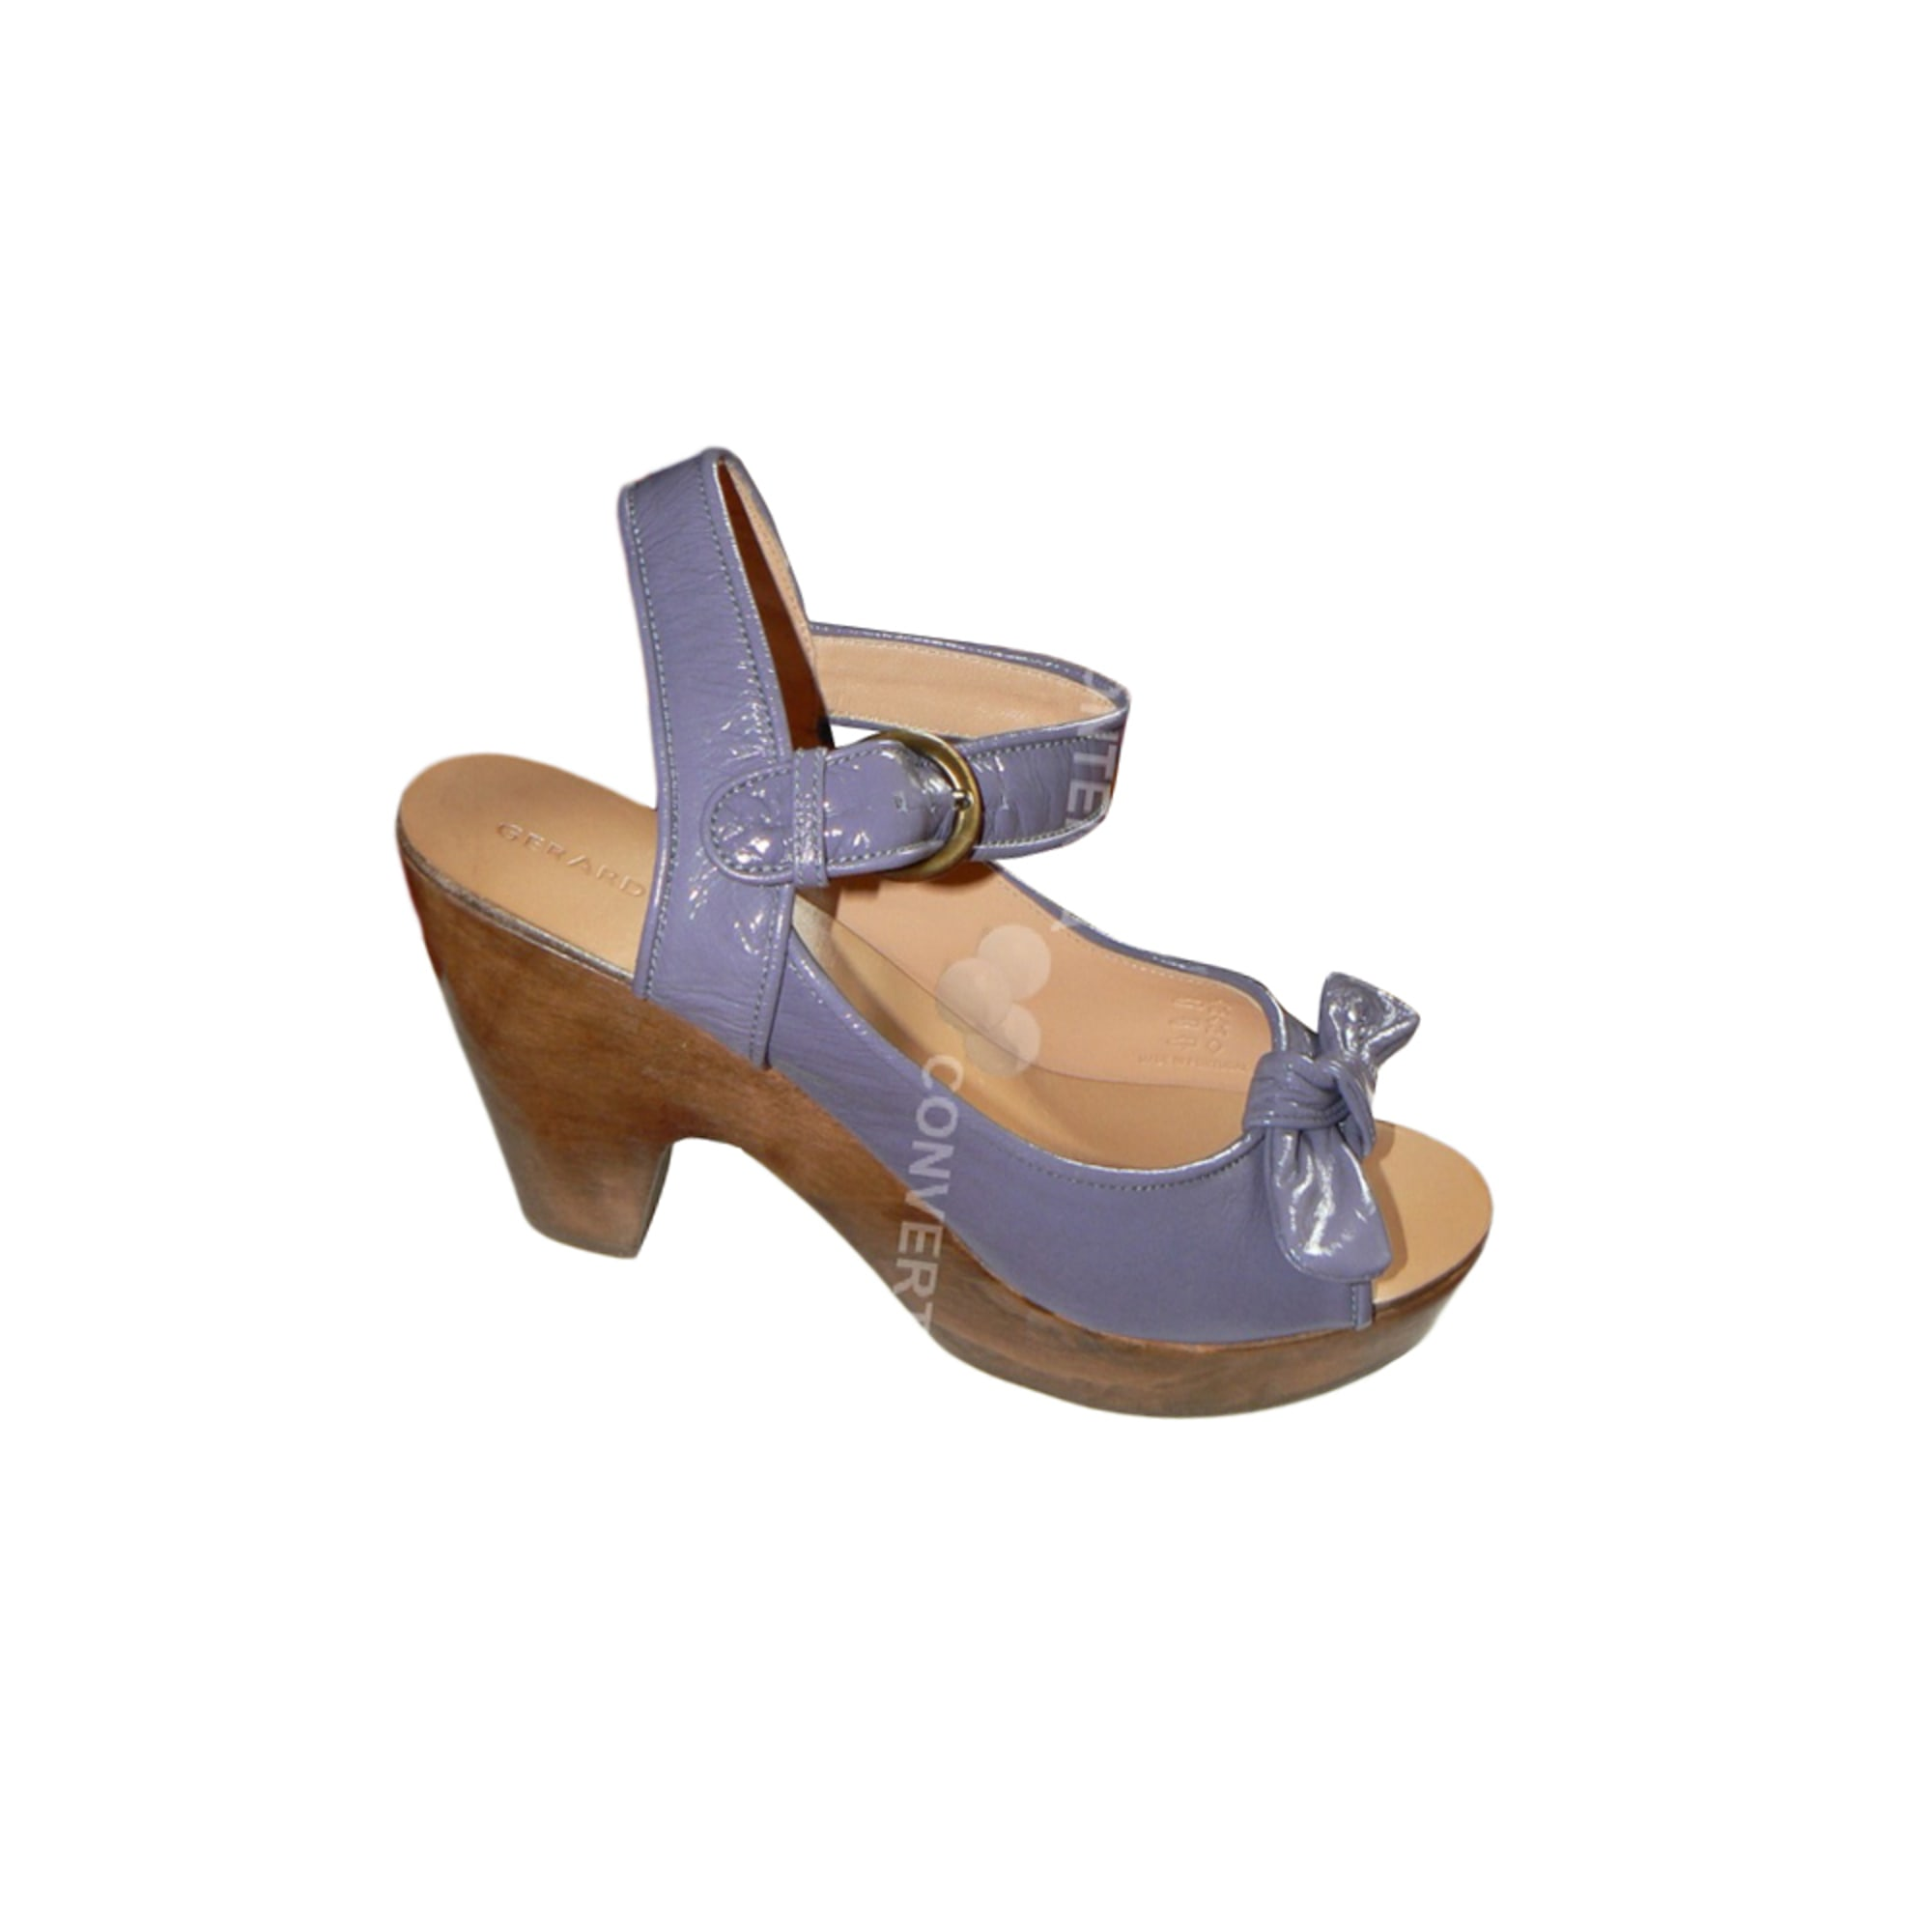 Sandales à talons GERARD DAREL Violet, mauve, lavande